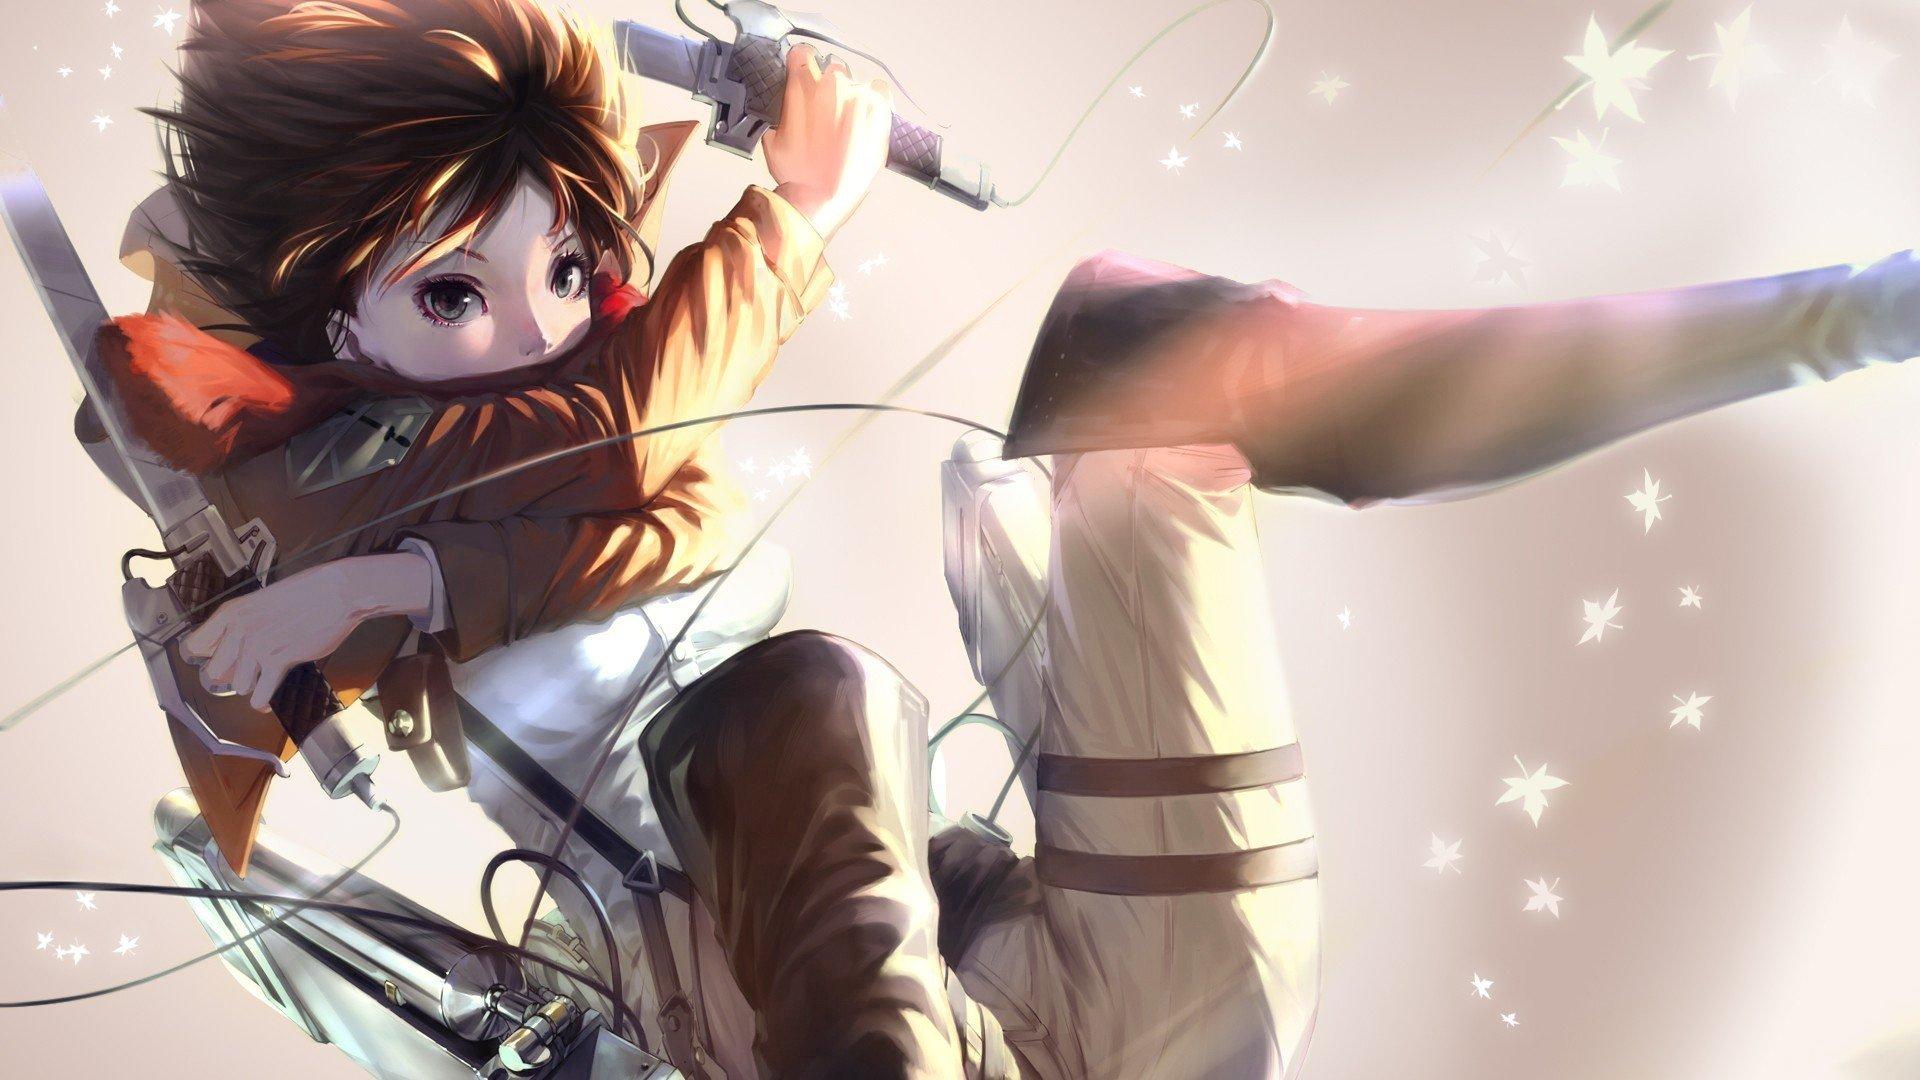 Anime Wallpaper Hd Mikasa Ackerman Wallpaper